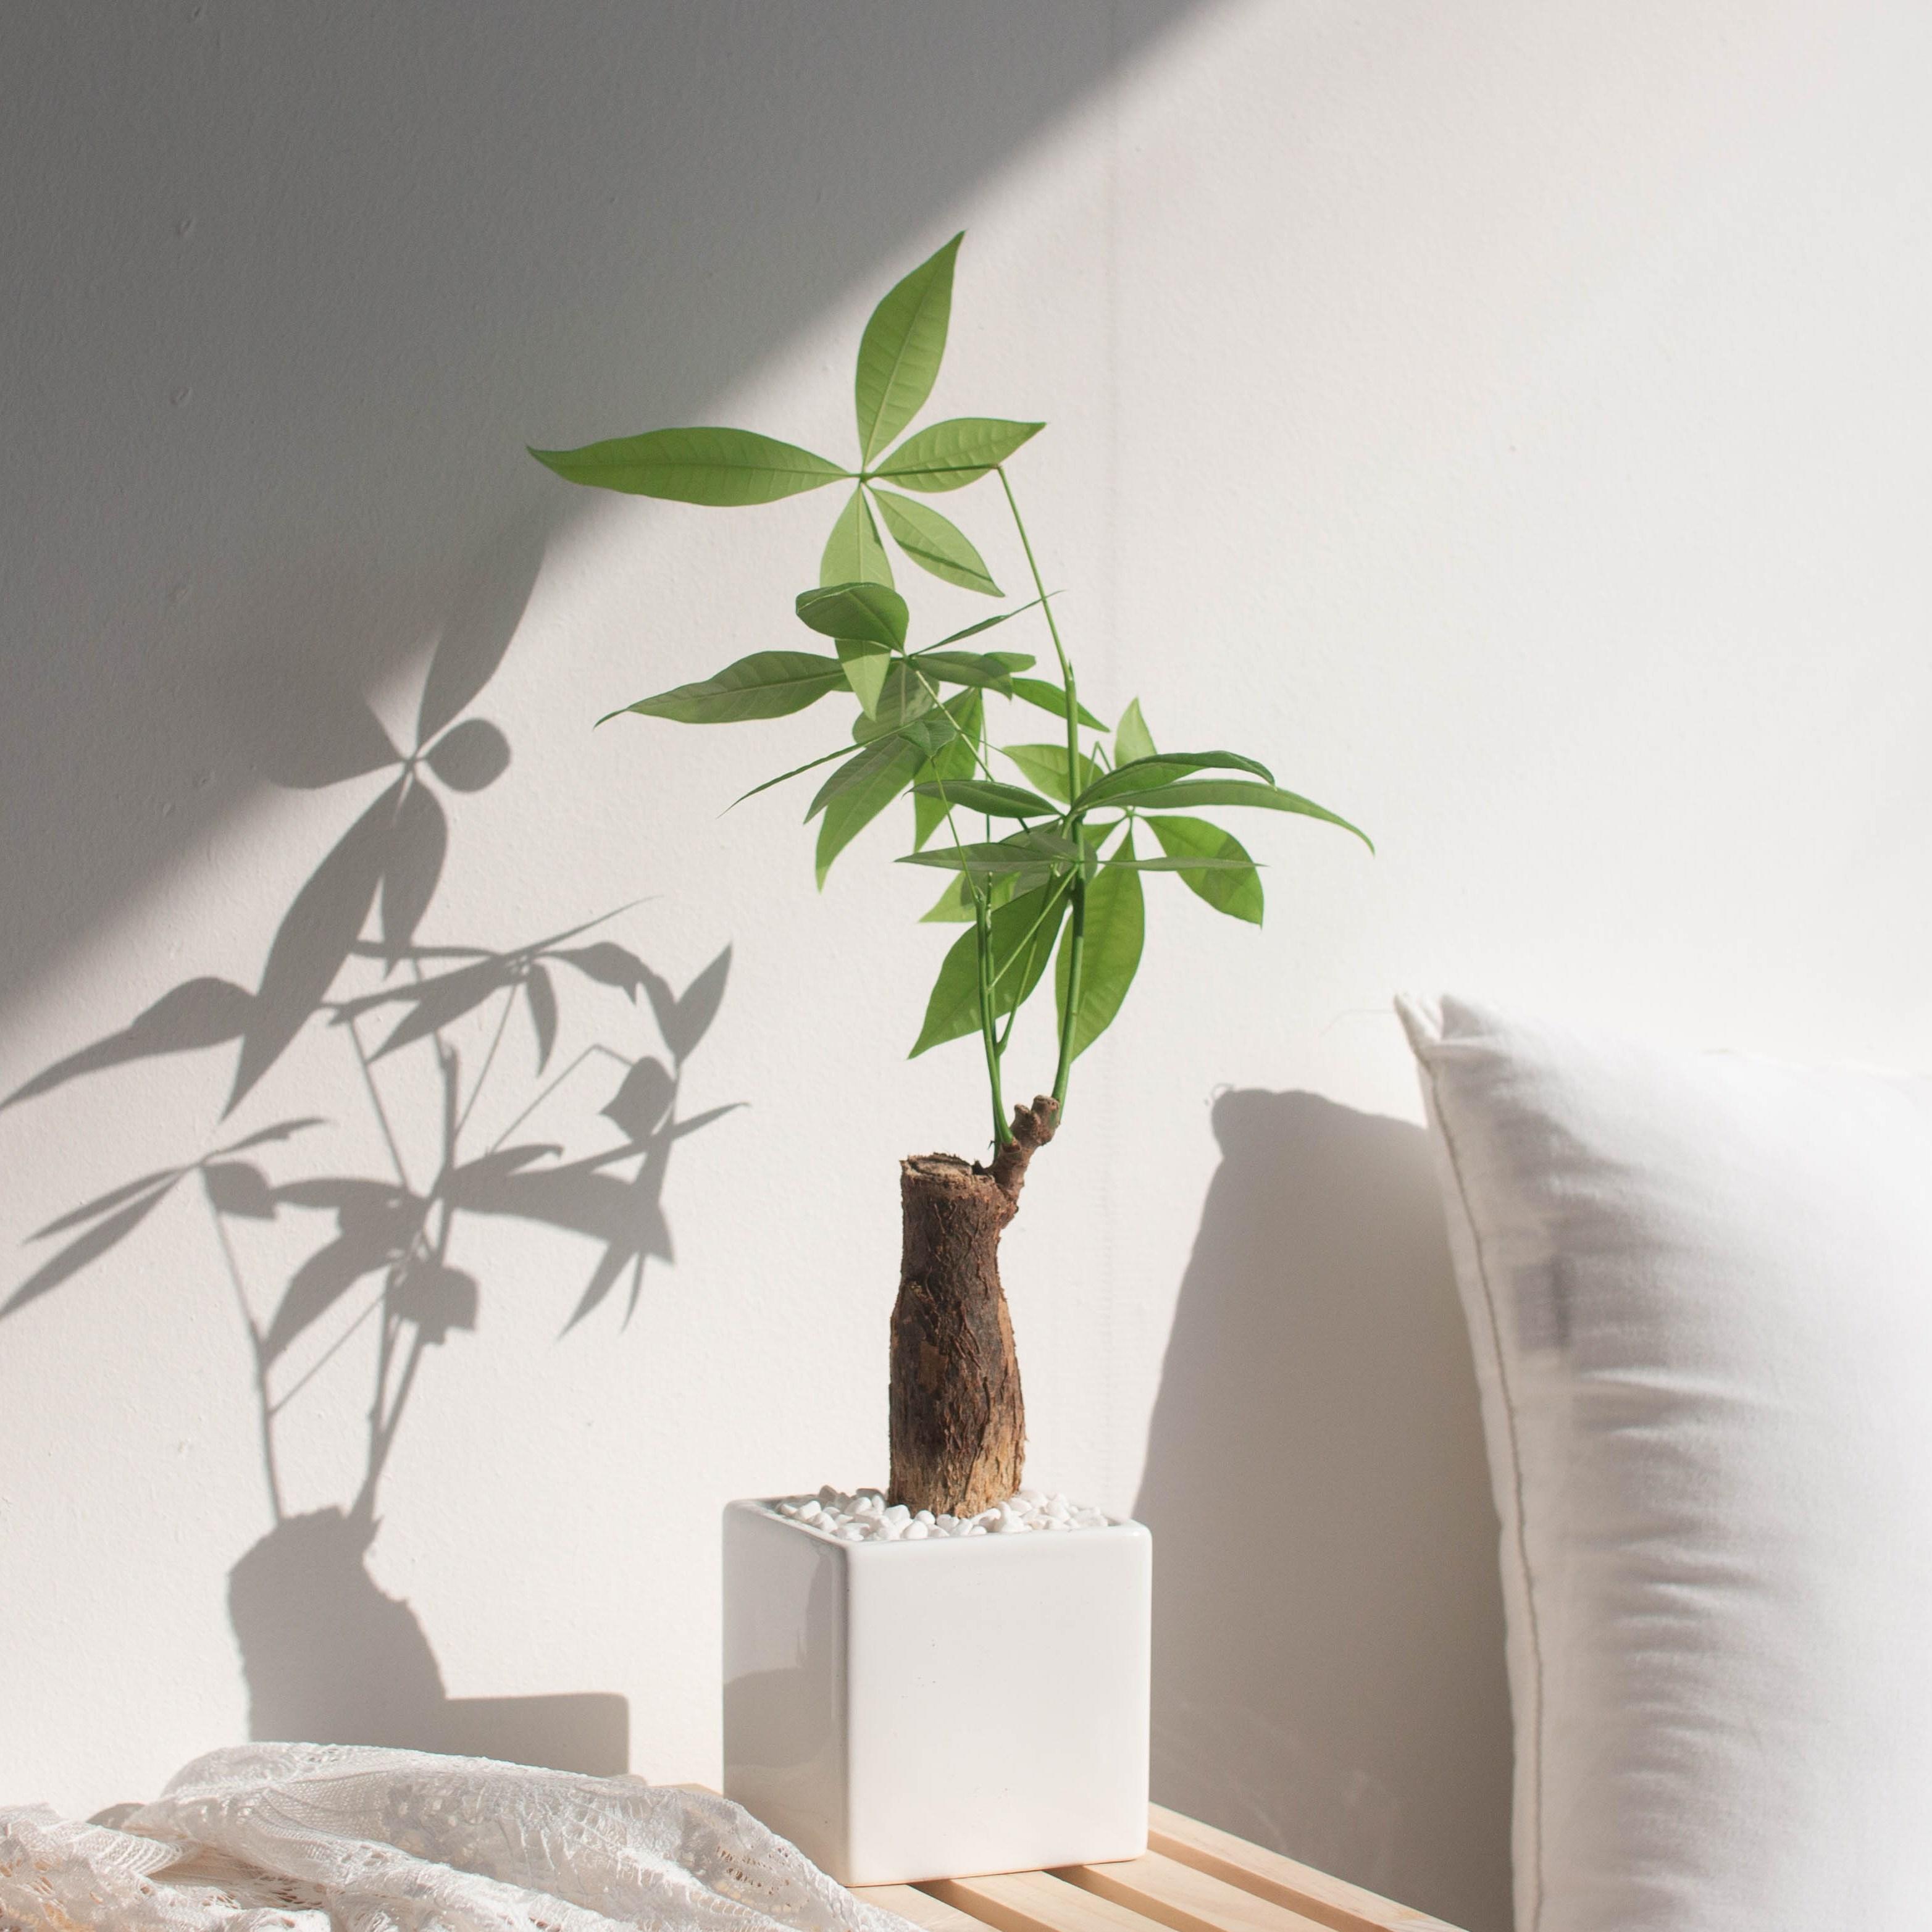 나루플랜트 실내 공기정화식물 화이트화분 공기청정 반려식물 인테리어식물, 1Ea, 파키라